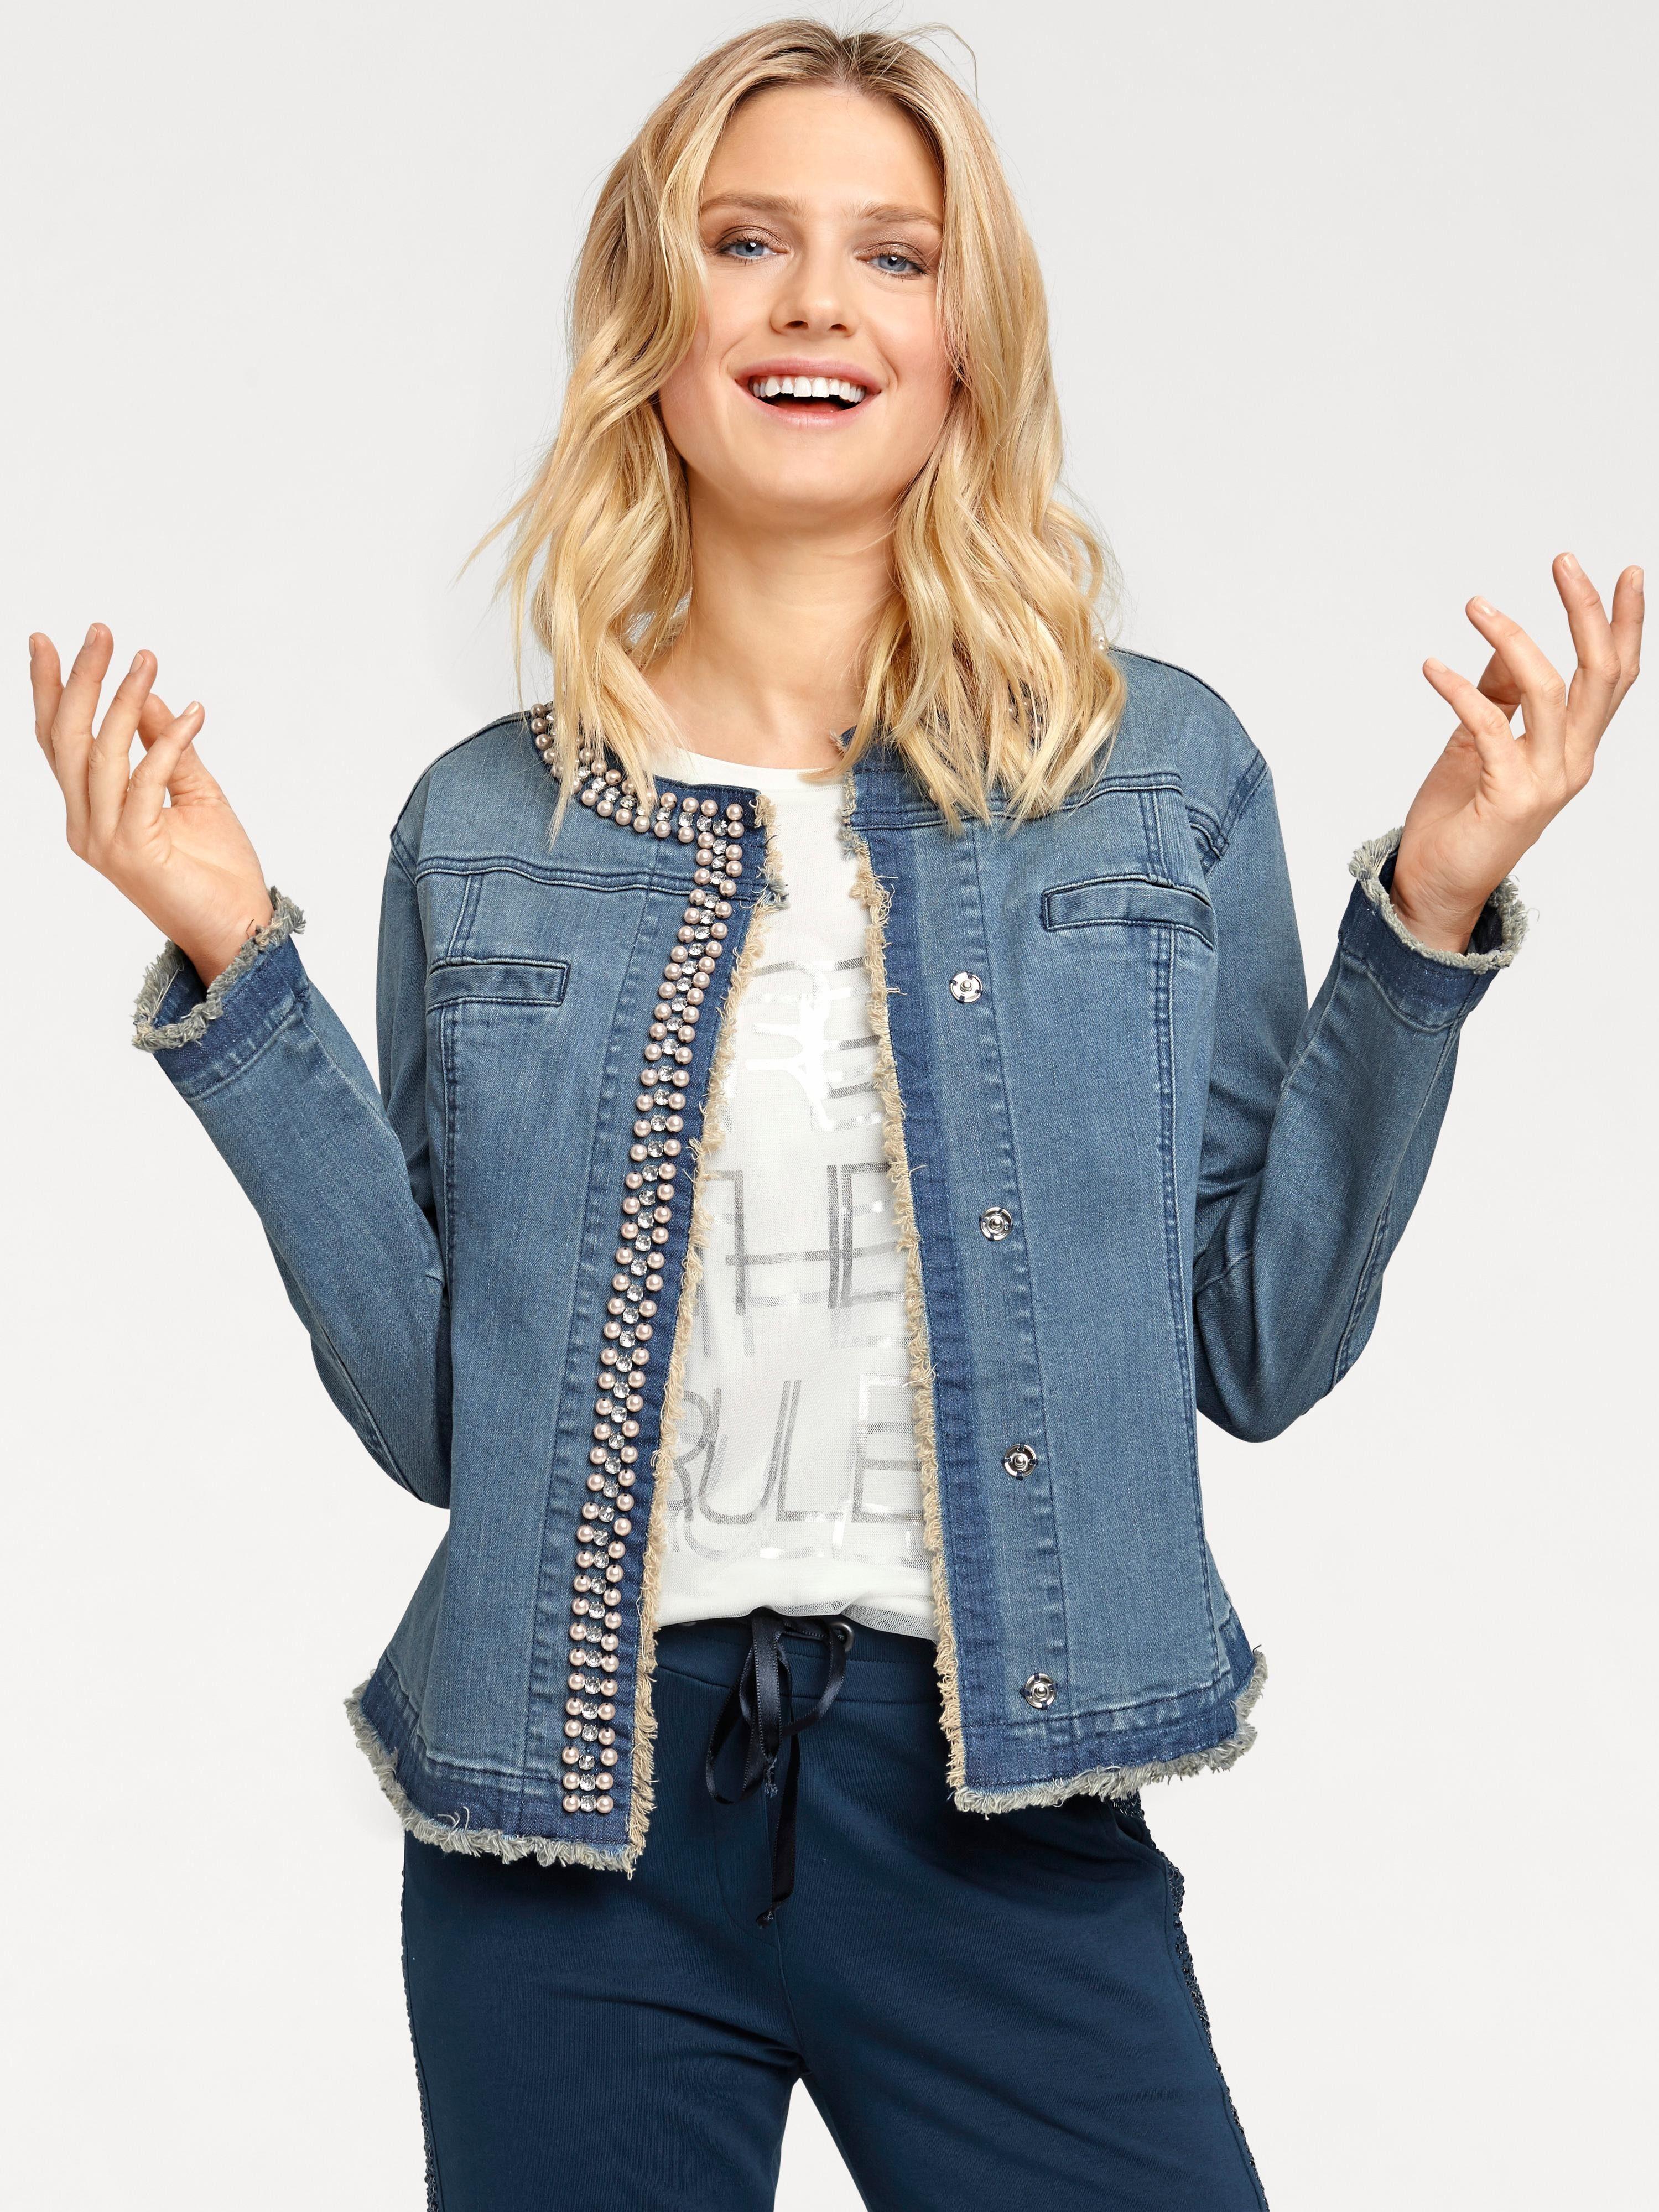 Damen Jeansjacke Mit Dekorativen Details%2c weiß%2c Länge ca. 56 cm Rick Cardona by Heine 9R5ZECoK14